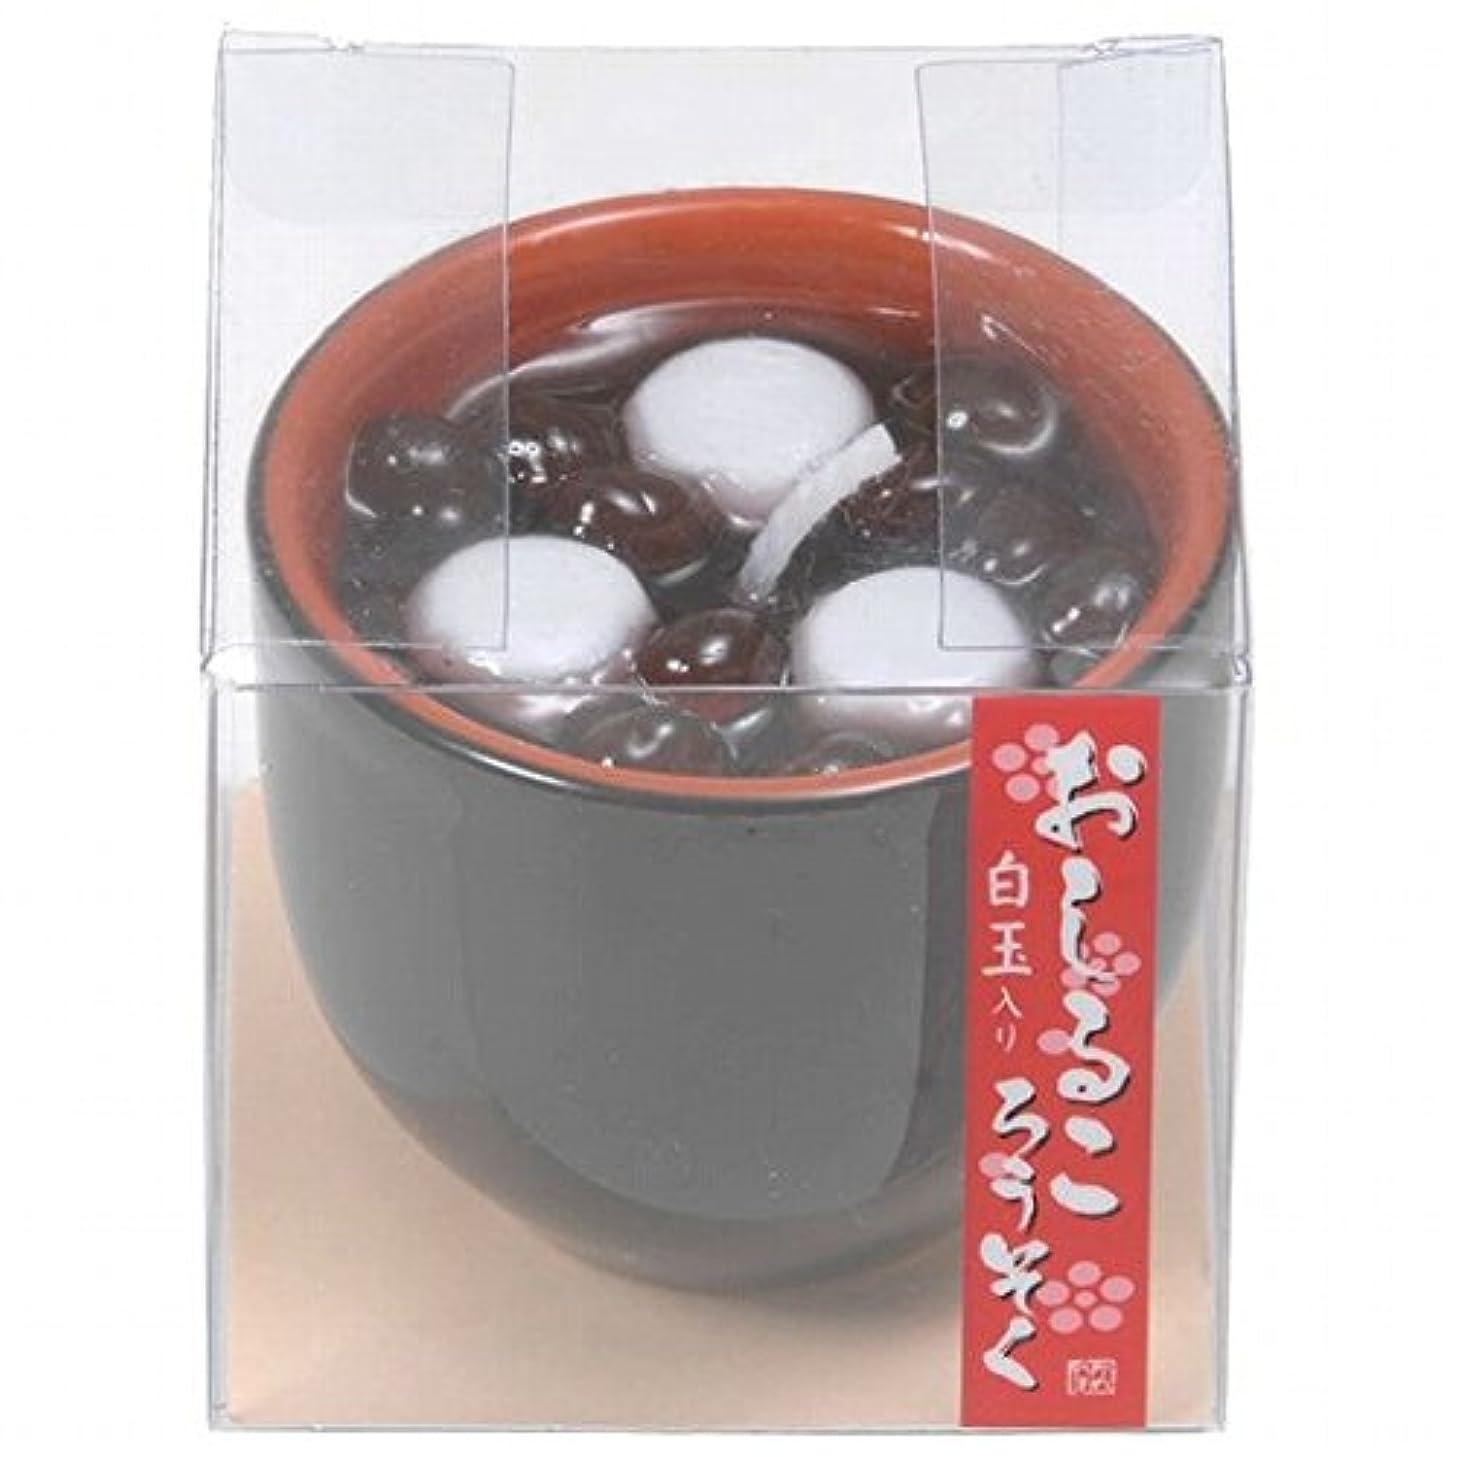 大声で中世の失望カメヤマキャンドル( kameyama candle ) おしるころうそく キャンドル